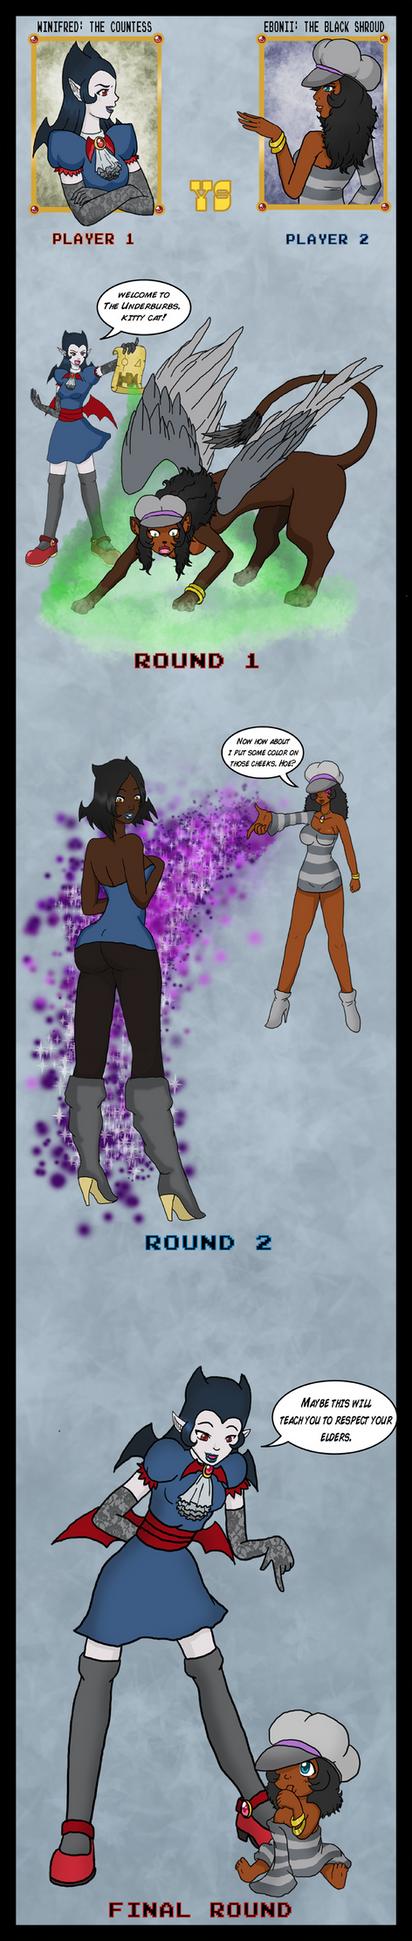 TF Battles: Winifred vs Ebonii by Wrenzephyr2